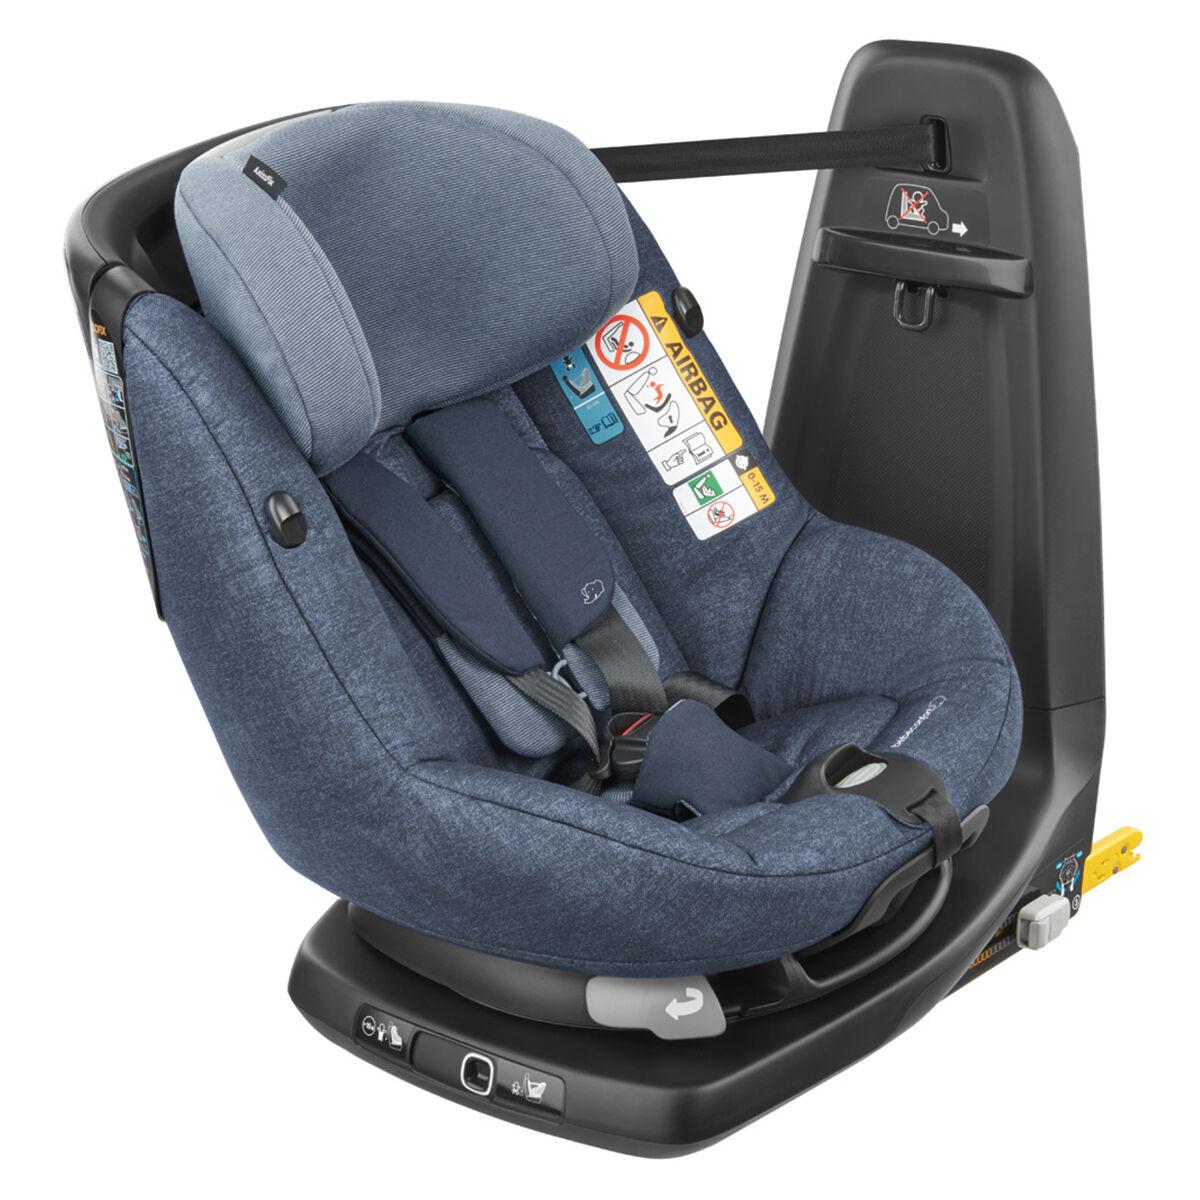 Bébé Confort Siège Auto AxissFix i-Size Groupe 0+/1 - Nomad Blue